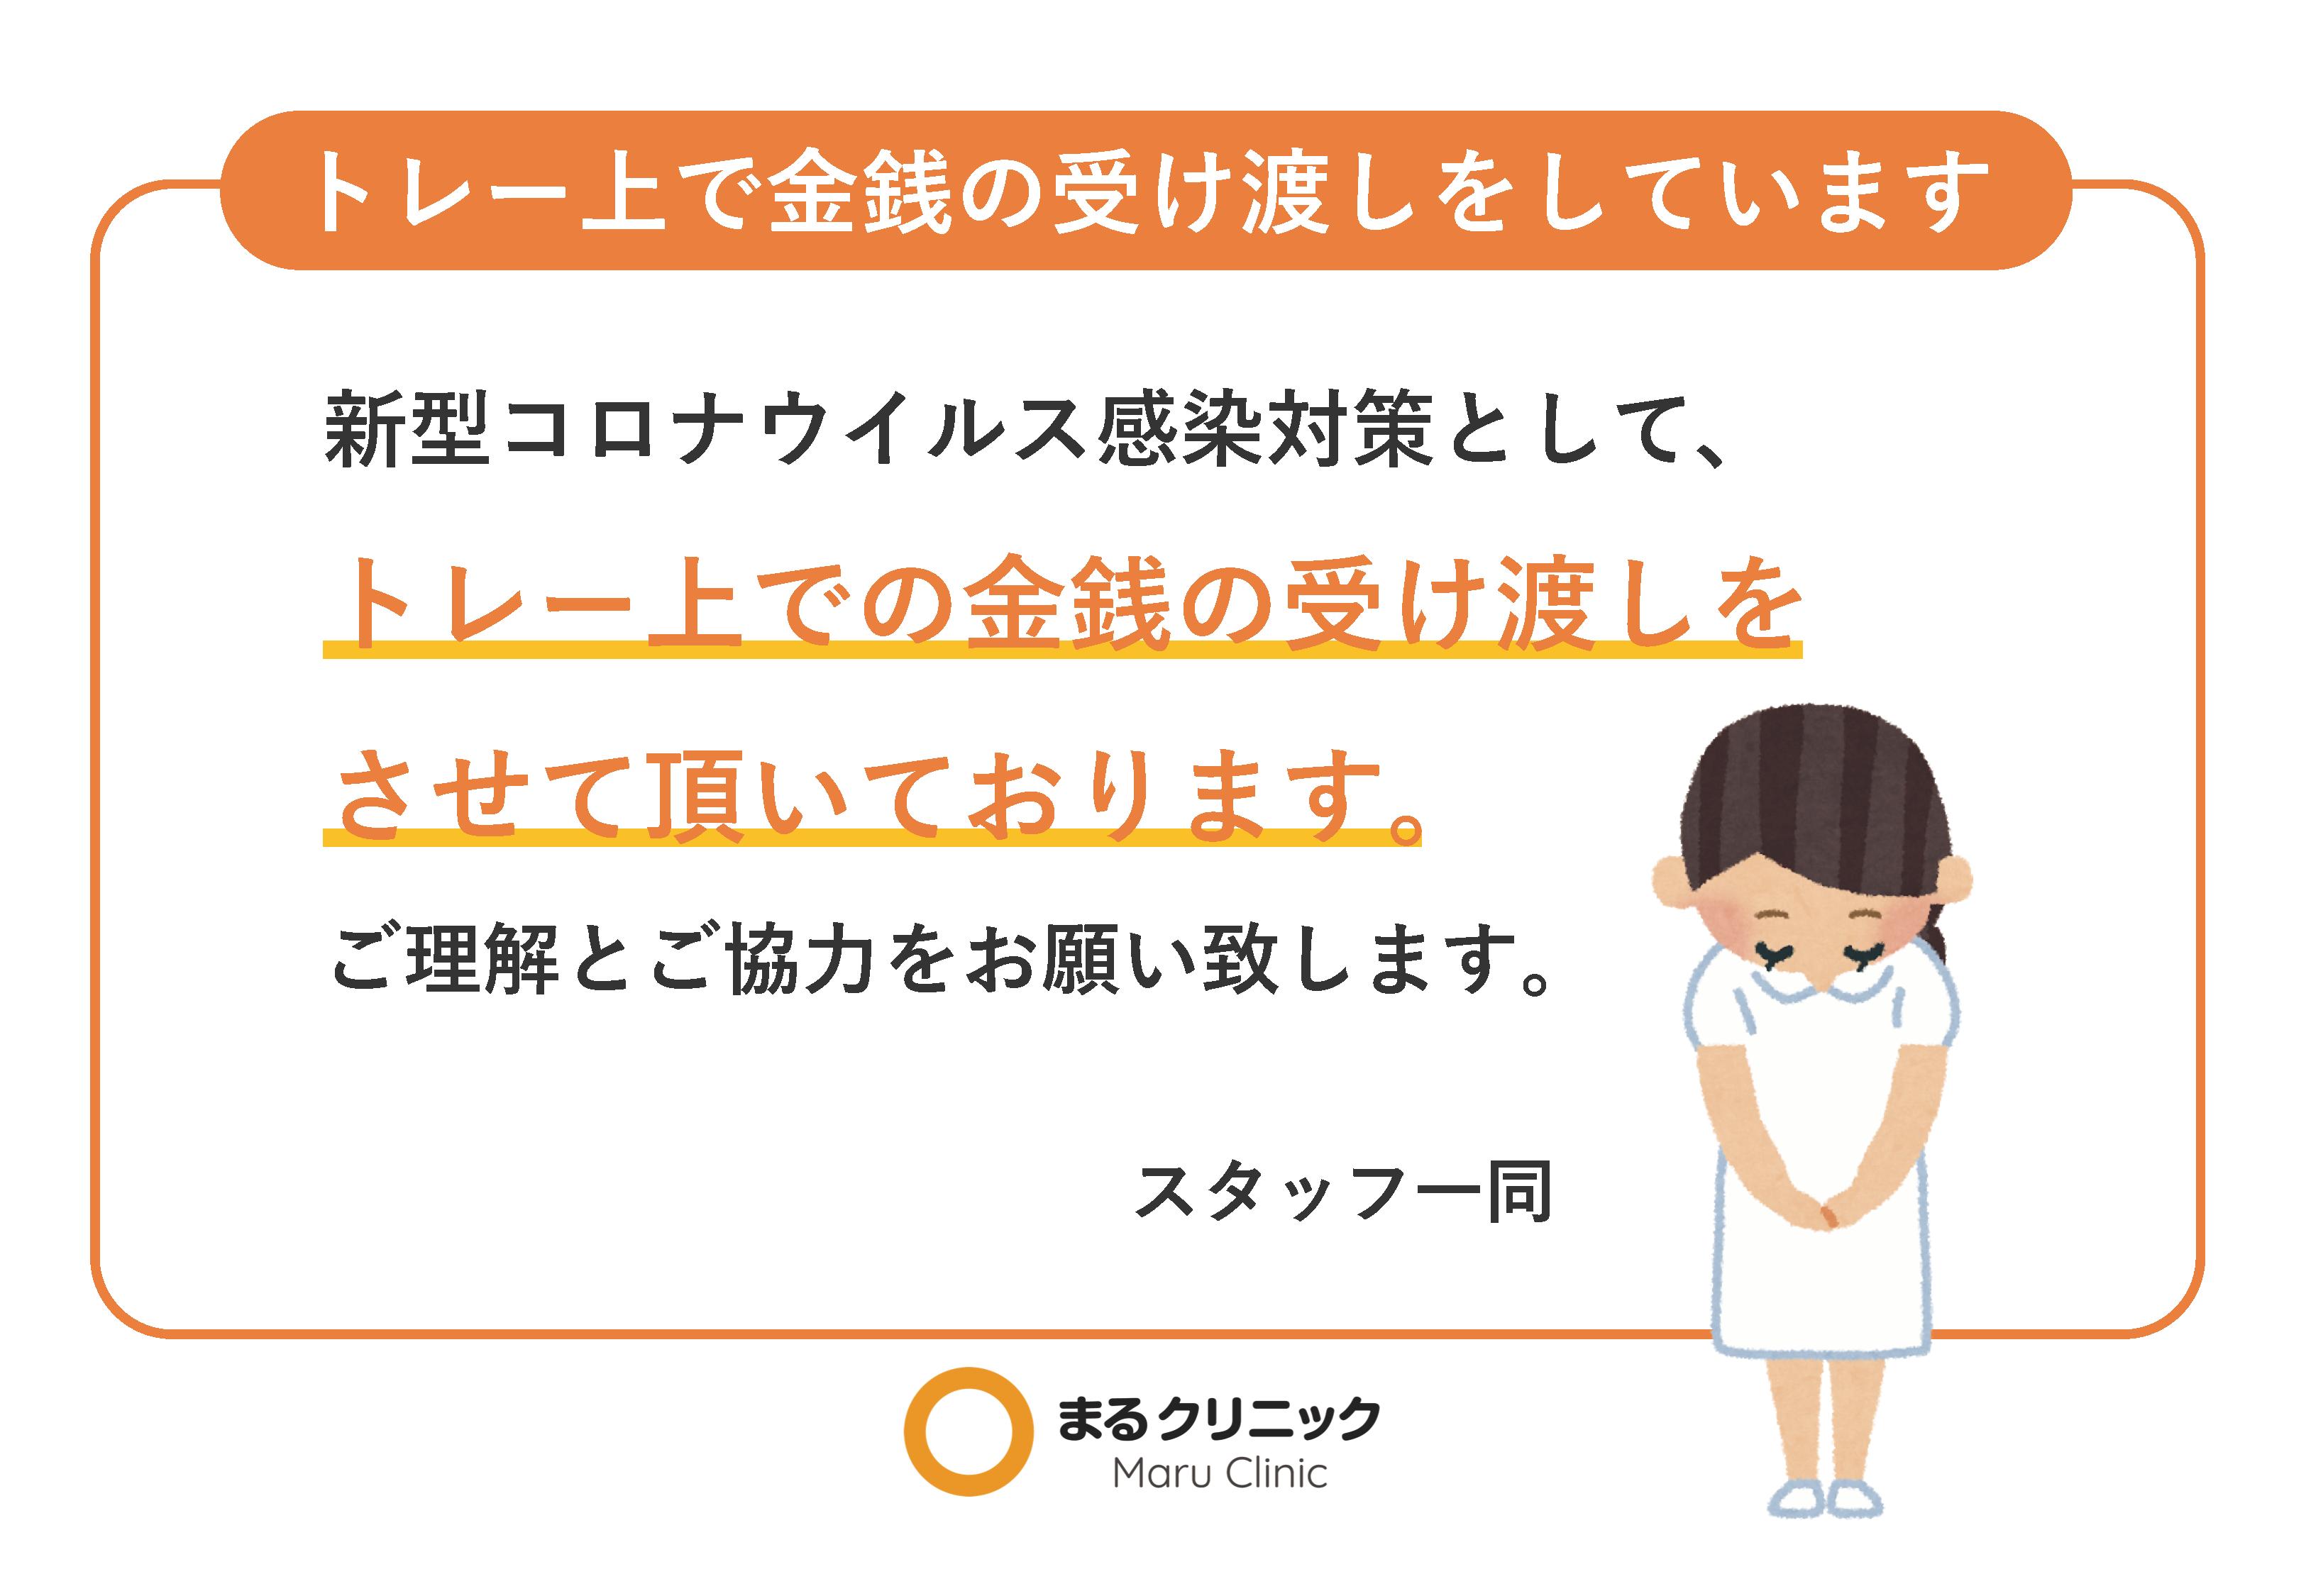 トレー状での金銭の受け渡し 【新型コロナウイルス対策ツール】